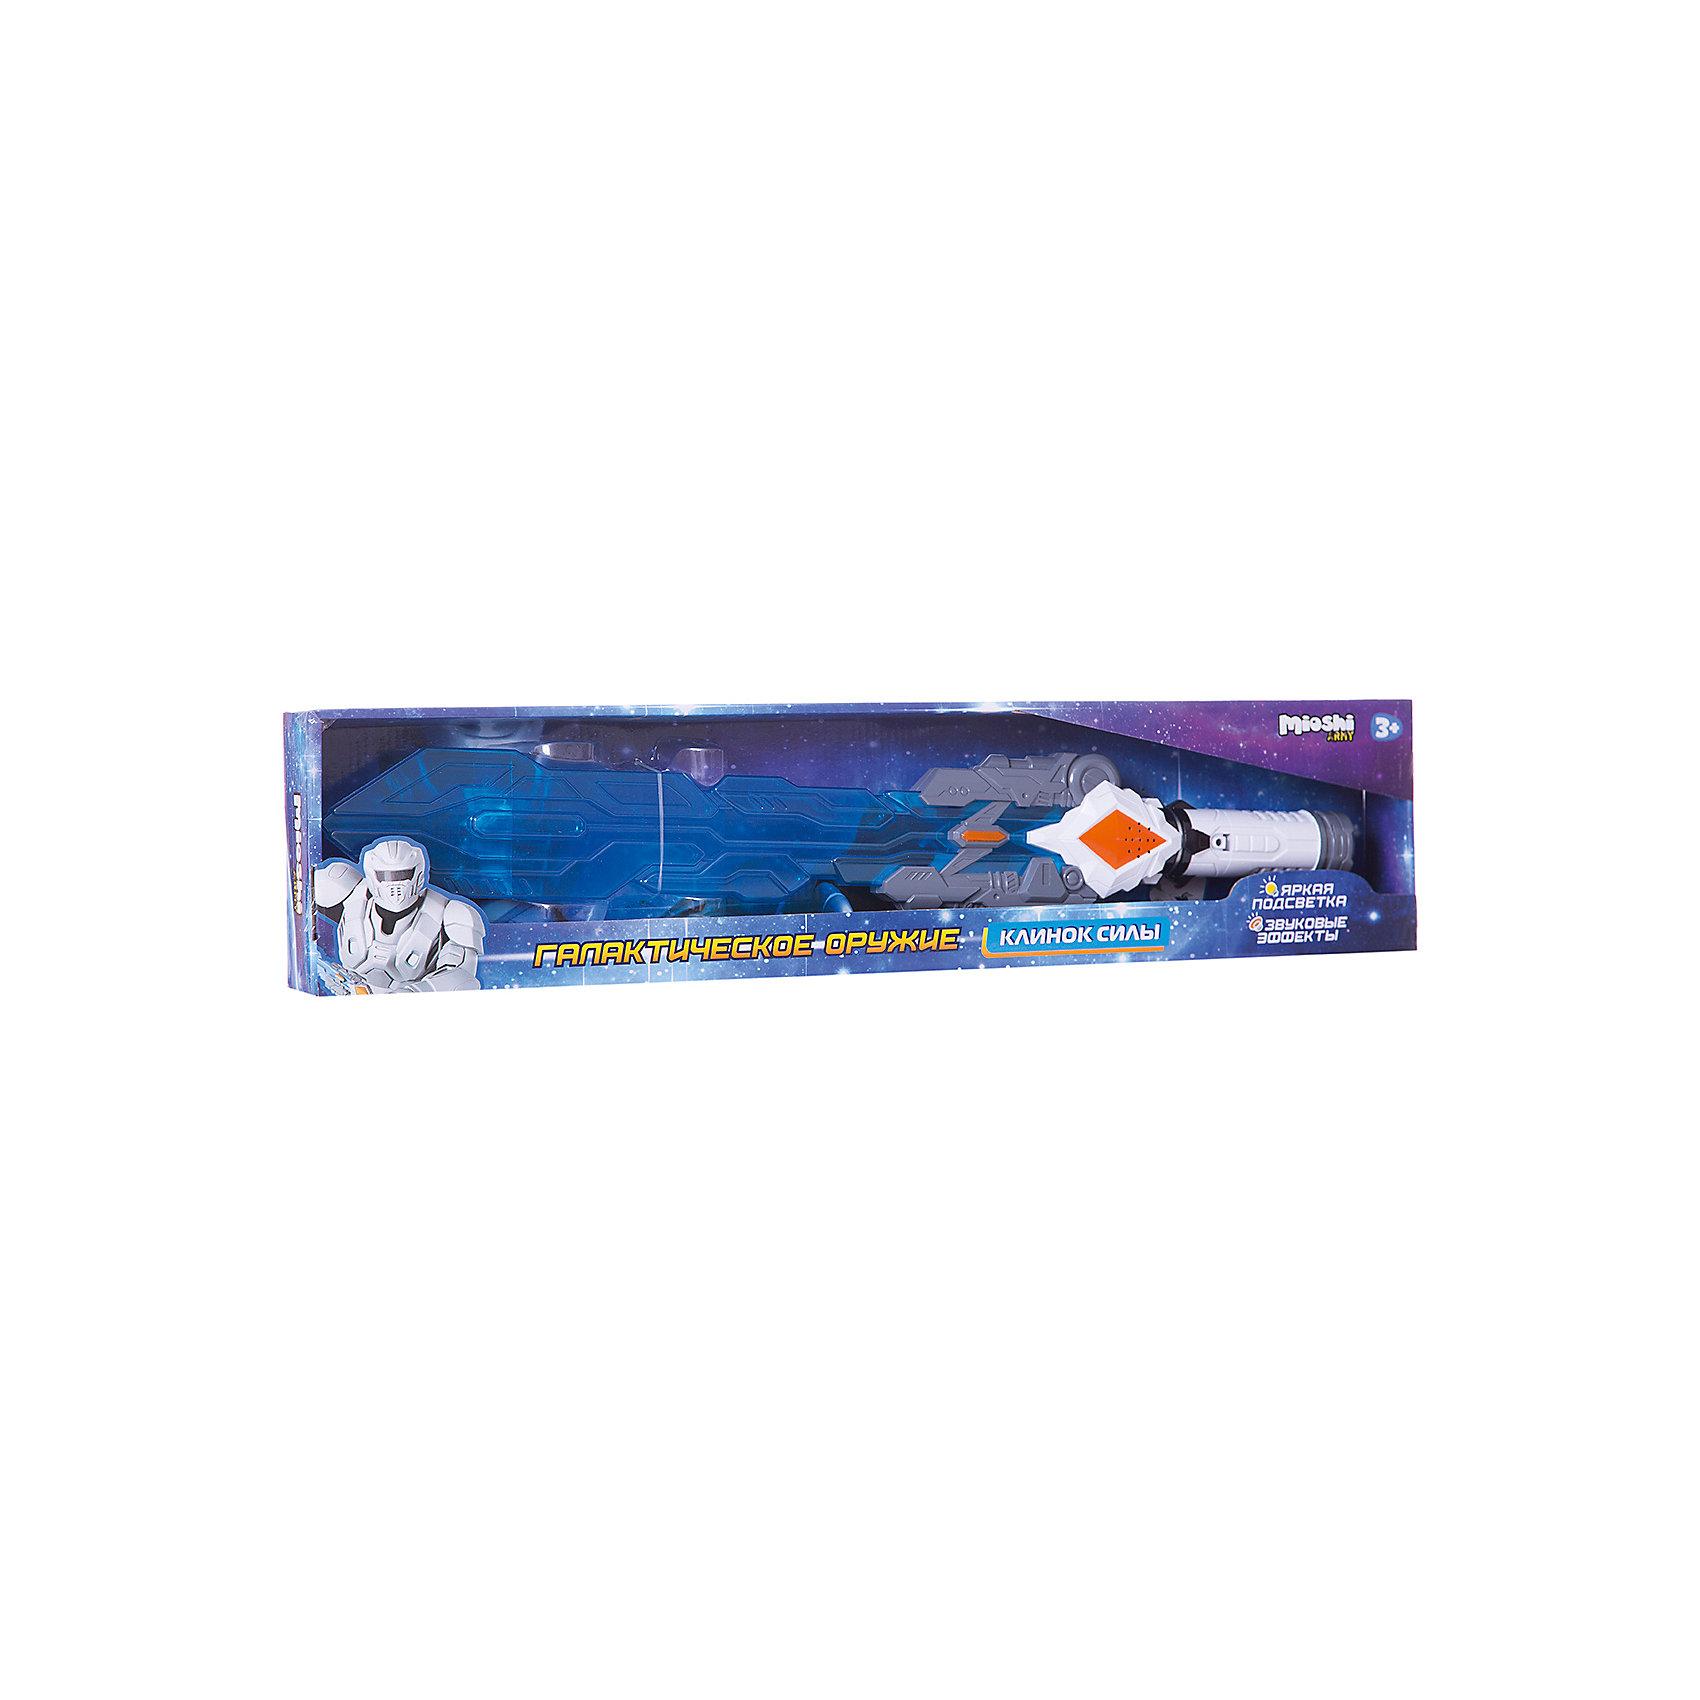 Меч Клинок силы, Mioshi ArmyБластеры, пистолеты и прочее<br>Характеристики товара:<br><br>• возраст от 3 лет;<br>• материал: пластик;<br>• в комплекте: меч, батарейки;<br>• работает от 2 батареек АА (в комплекте);<br>• размер упаковки 65х14х9 см;<br>• вес упаковки 323 гр.;<br>• страна производитель: Китай.<br><br>Меч «Клинок силы» Mioshi Army позволит мальчишкам устроить импровизированные космические сражения. Во время игры меч светится, что делает игру еще увлекательней. При взмахе меча слышен звук удара. Игрушка изготовлена из качественных прочных материалов, безопасных для детей.<br><br>Меч «Клинок силы» Mioshi Army можно приобрести в нашем интернет-магазине.<br><br>Ширина мм: 650<br>Глубина мм: 140<br>Высота мм: 90<br>Вес г: 323<br>Возраст от месяцев: 36<br>Возраст до месяцев: 72<br>Пол: Мужской<br>Возраст: Детский<br>SKU: 5581241